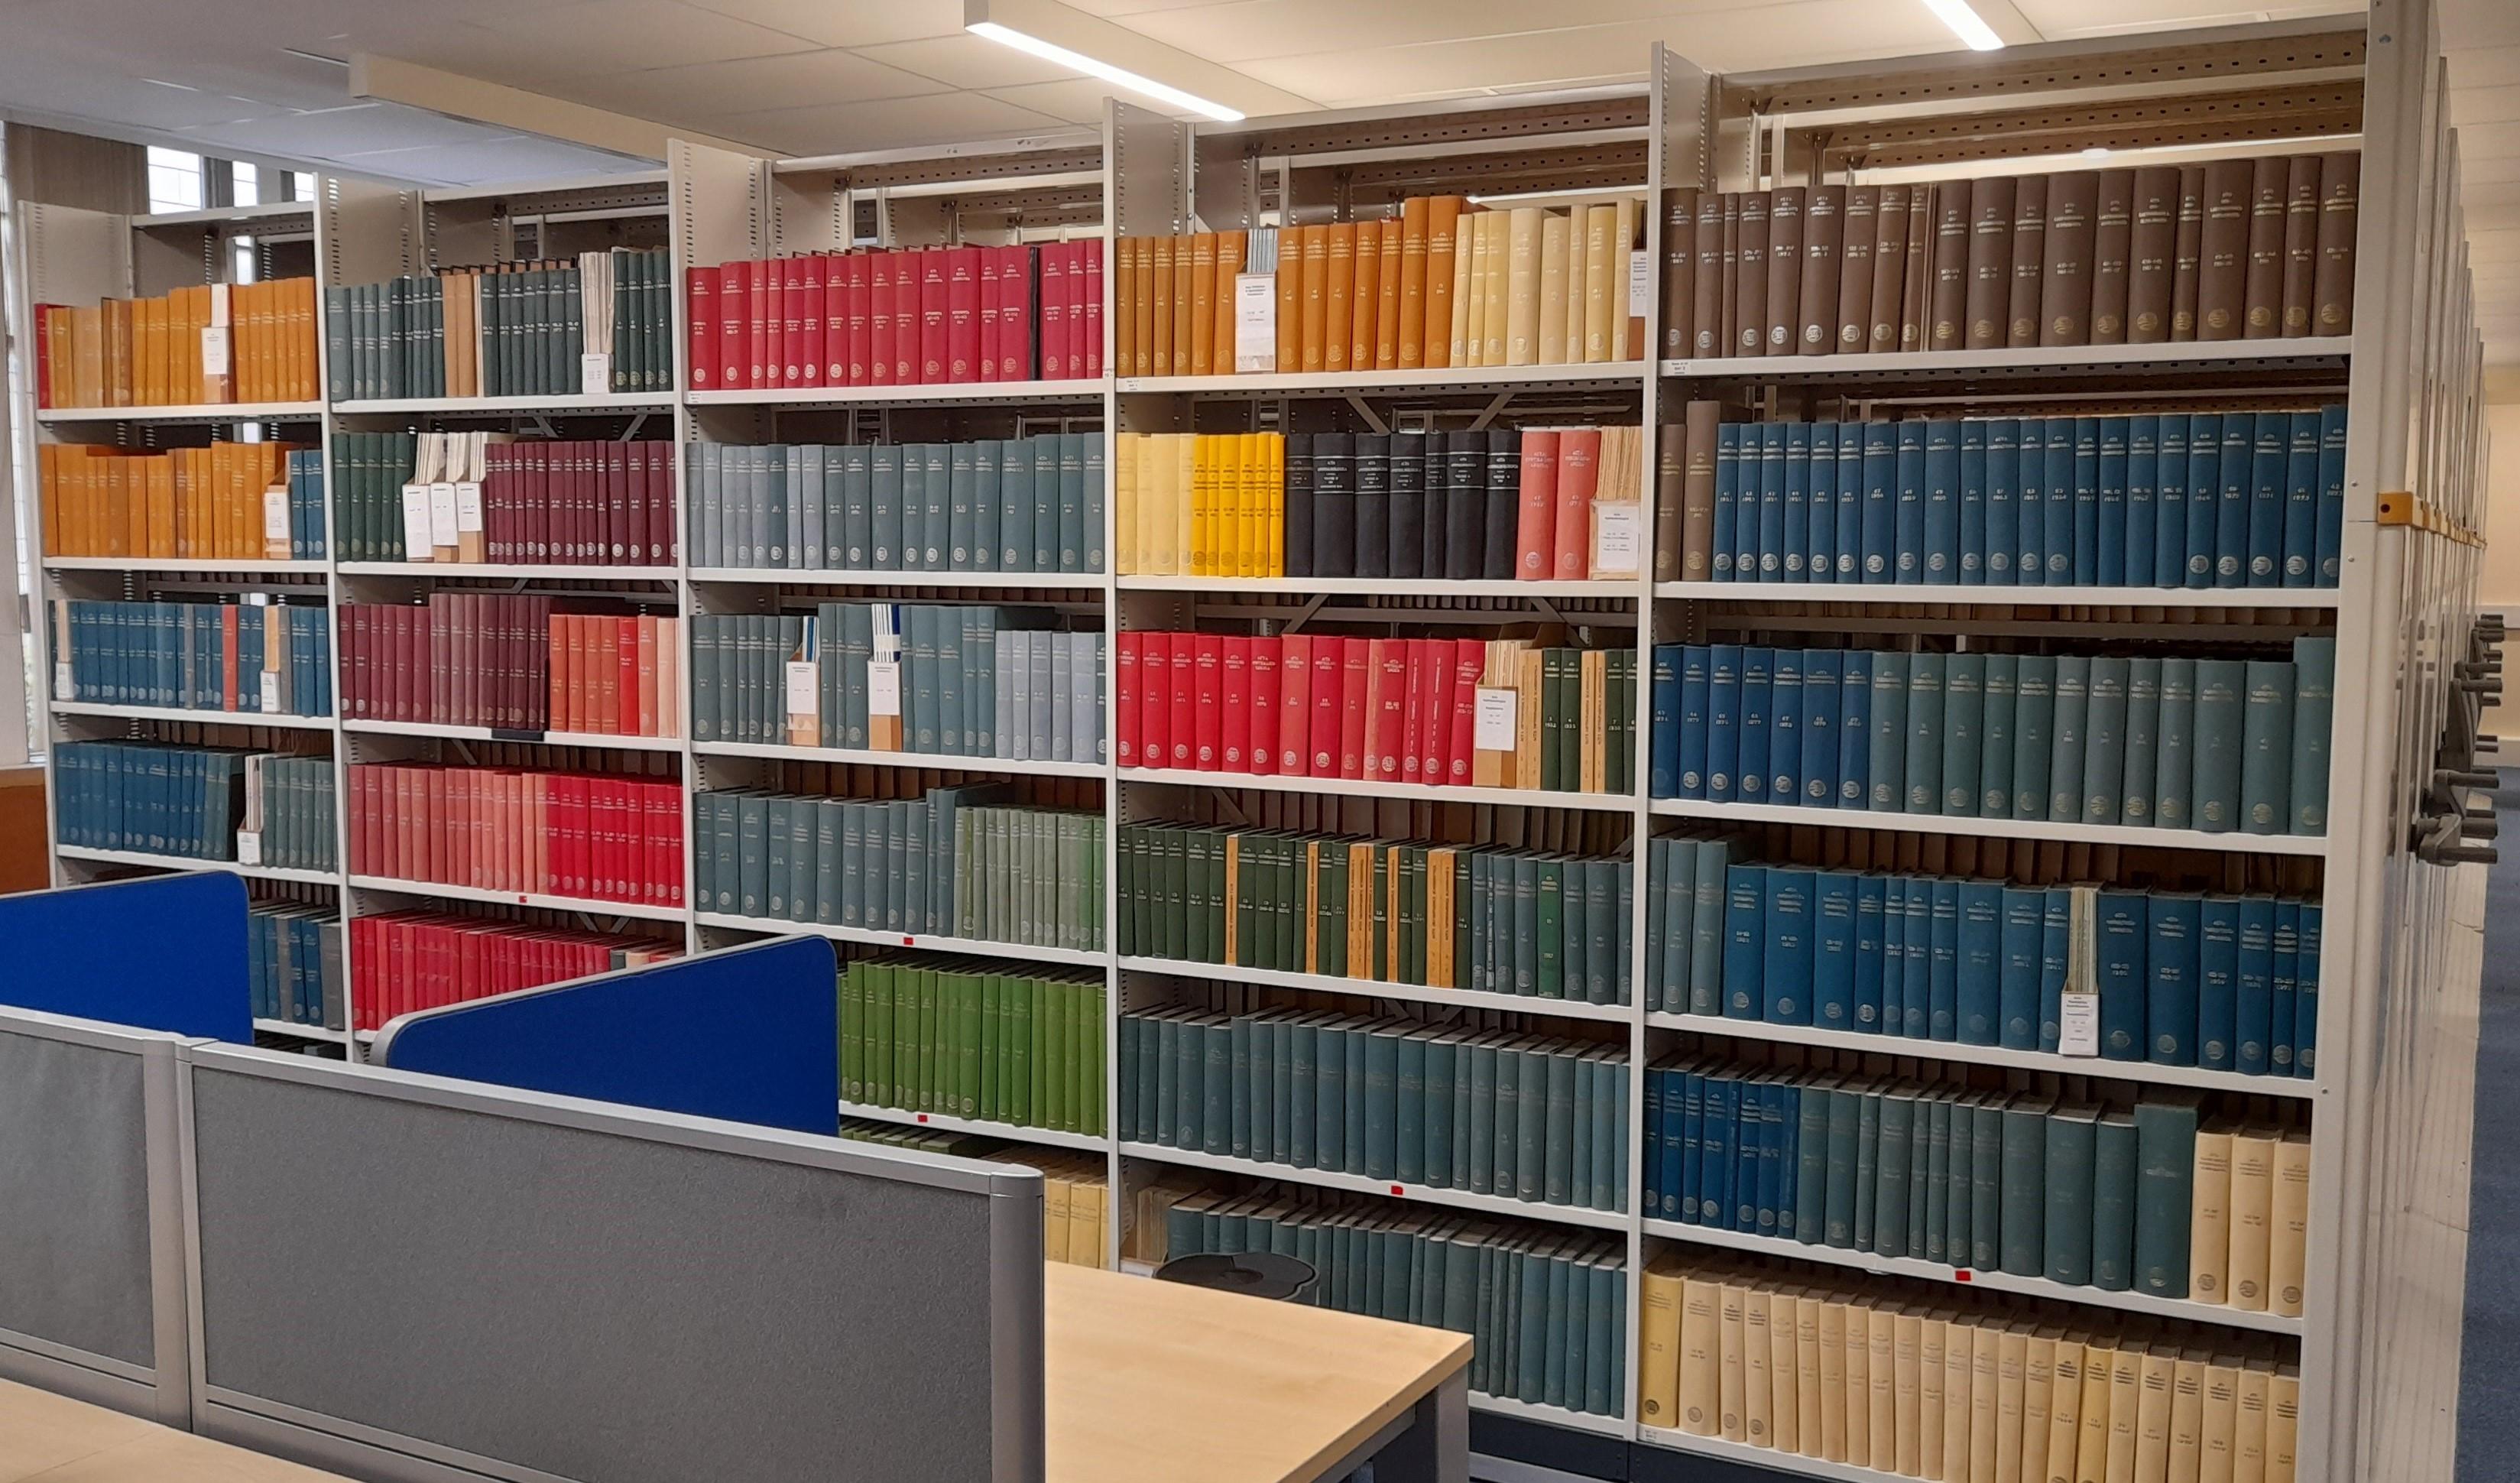 Shelves of medical journals